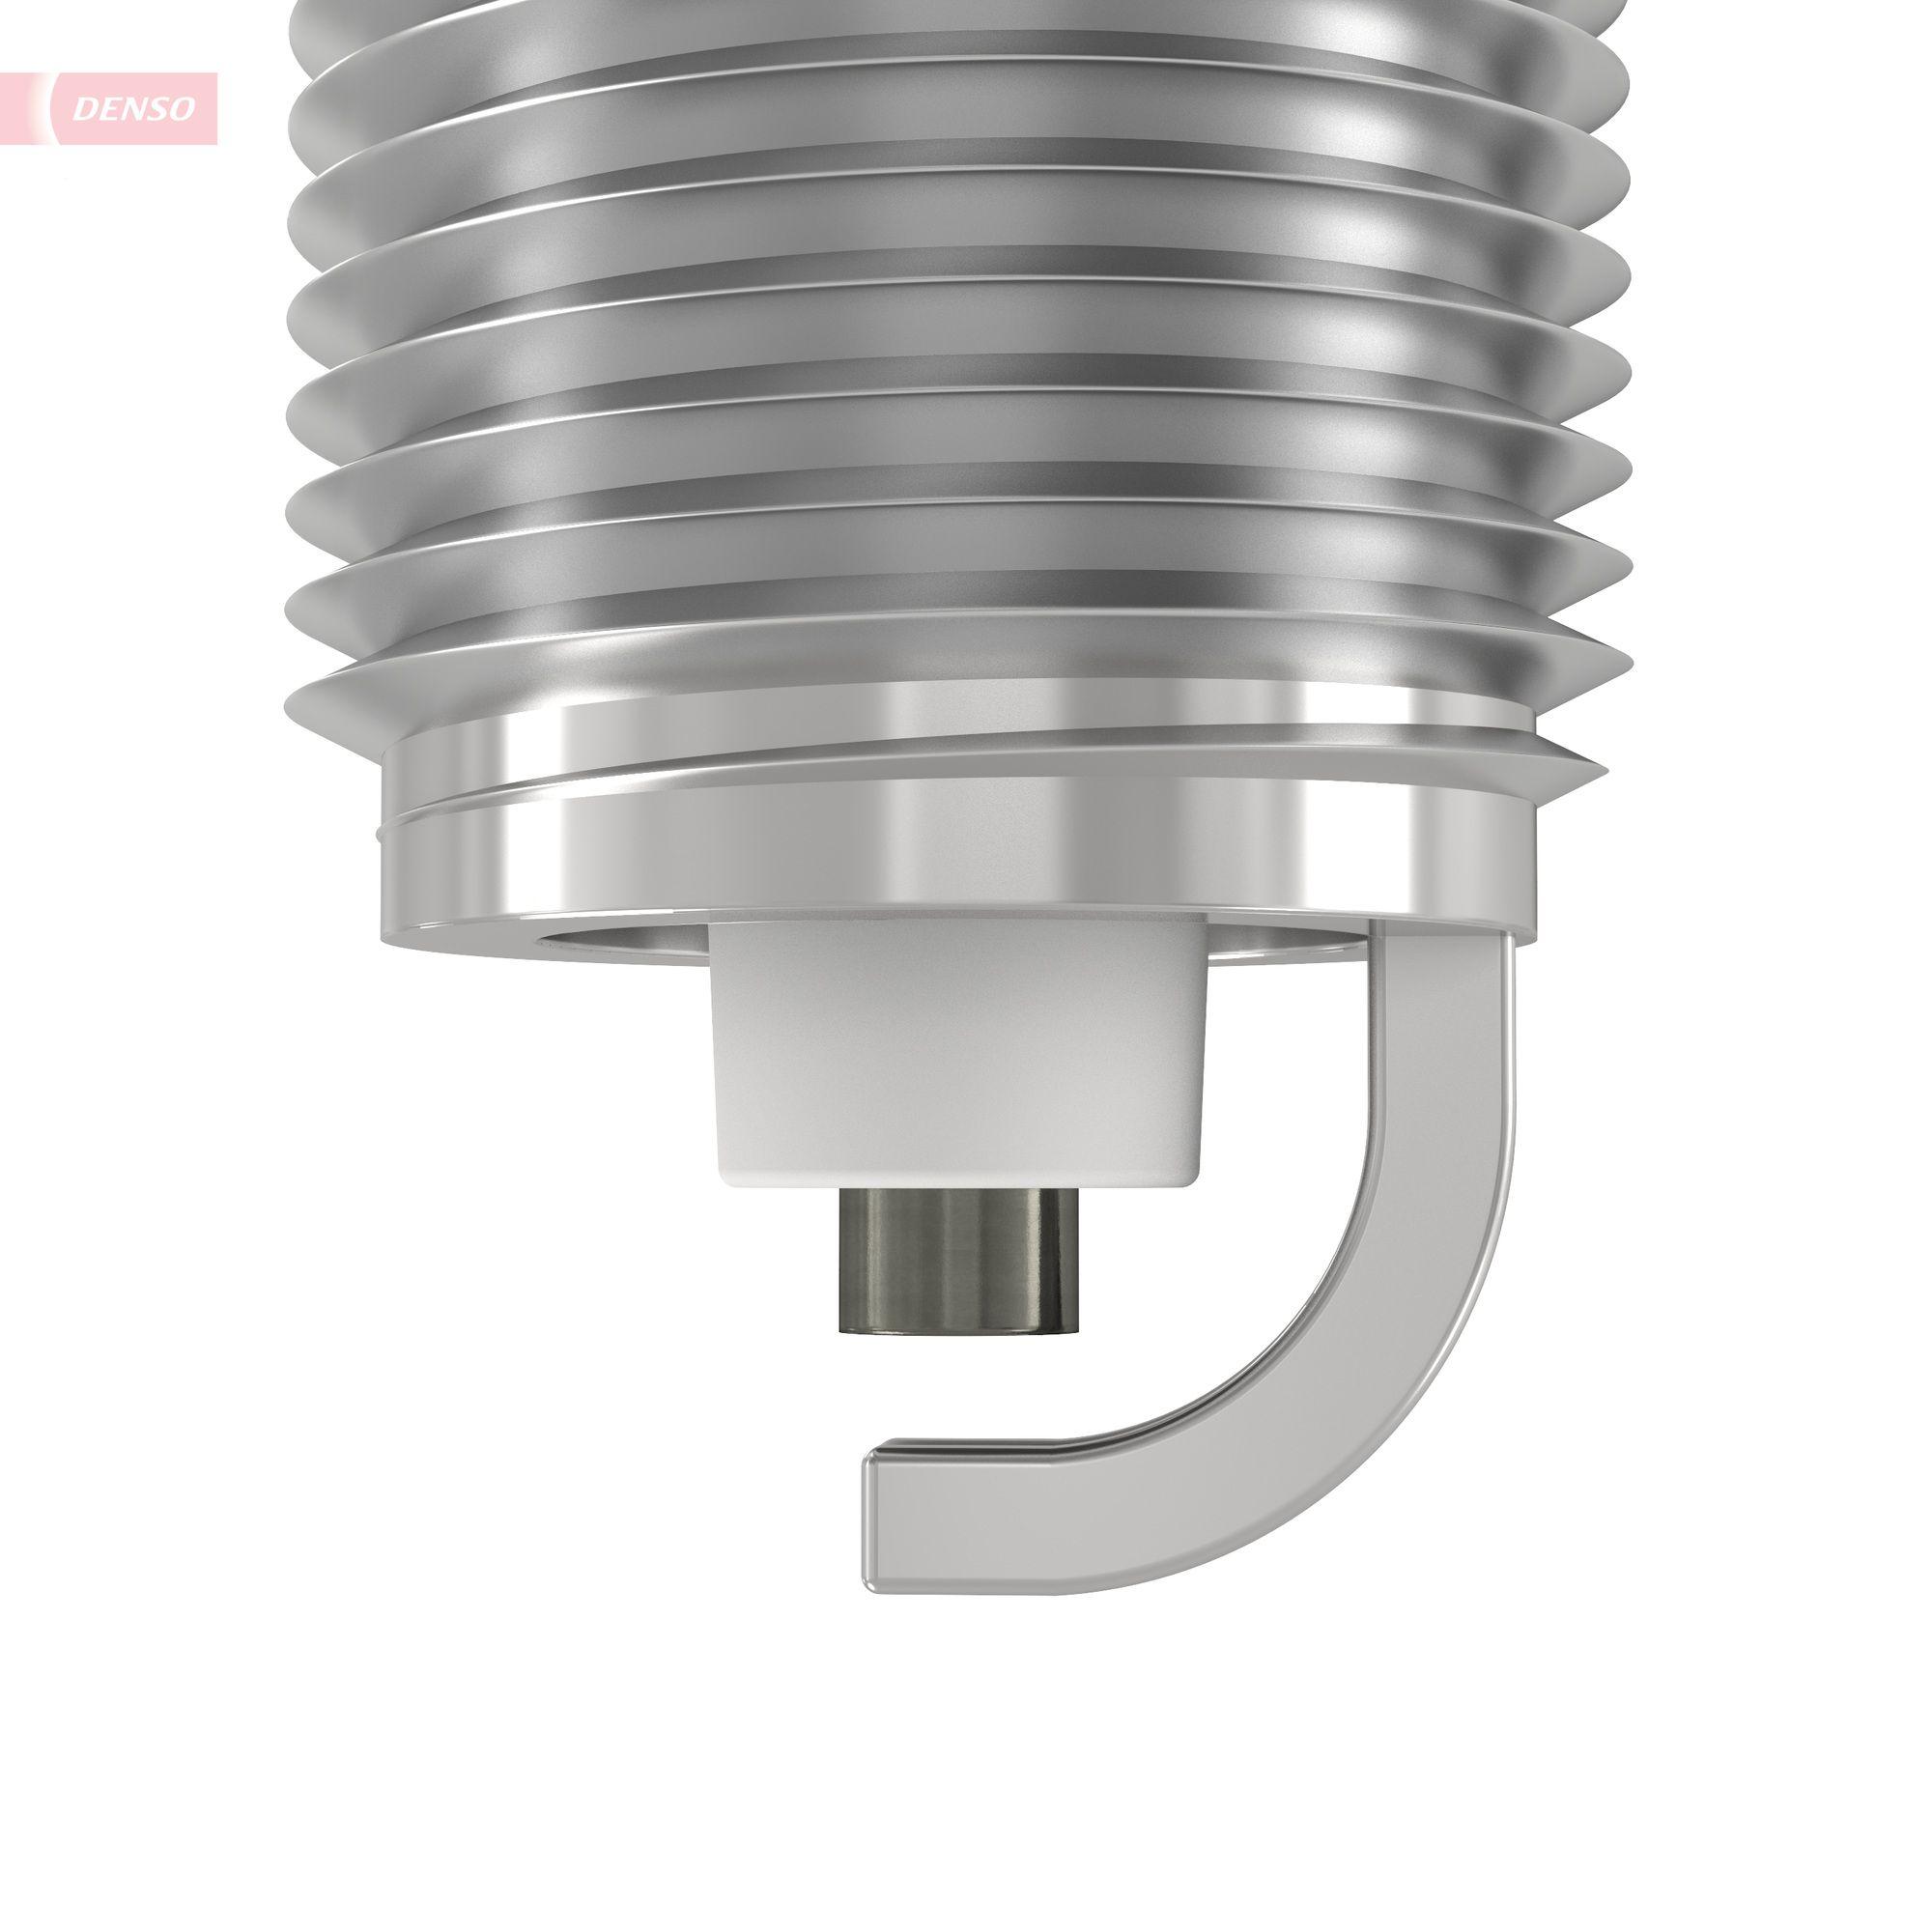 Spark Plug K22PR-U DENSO D148 original quality